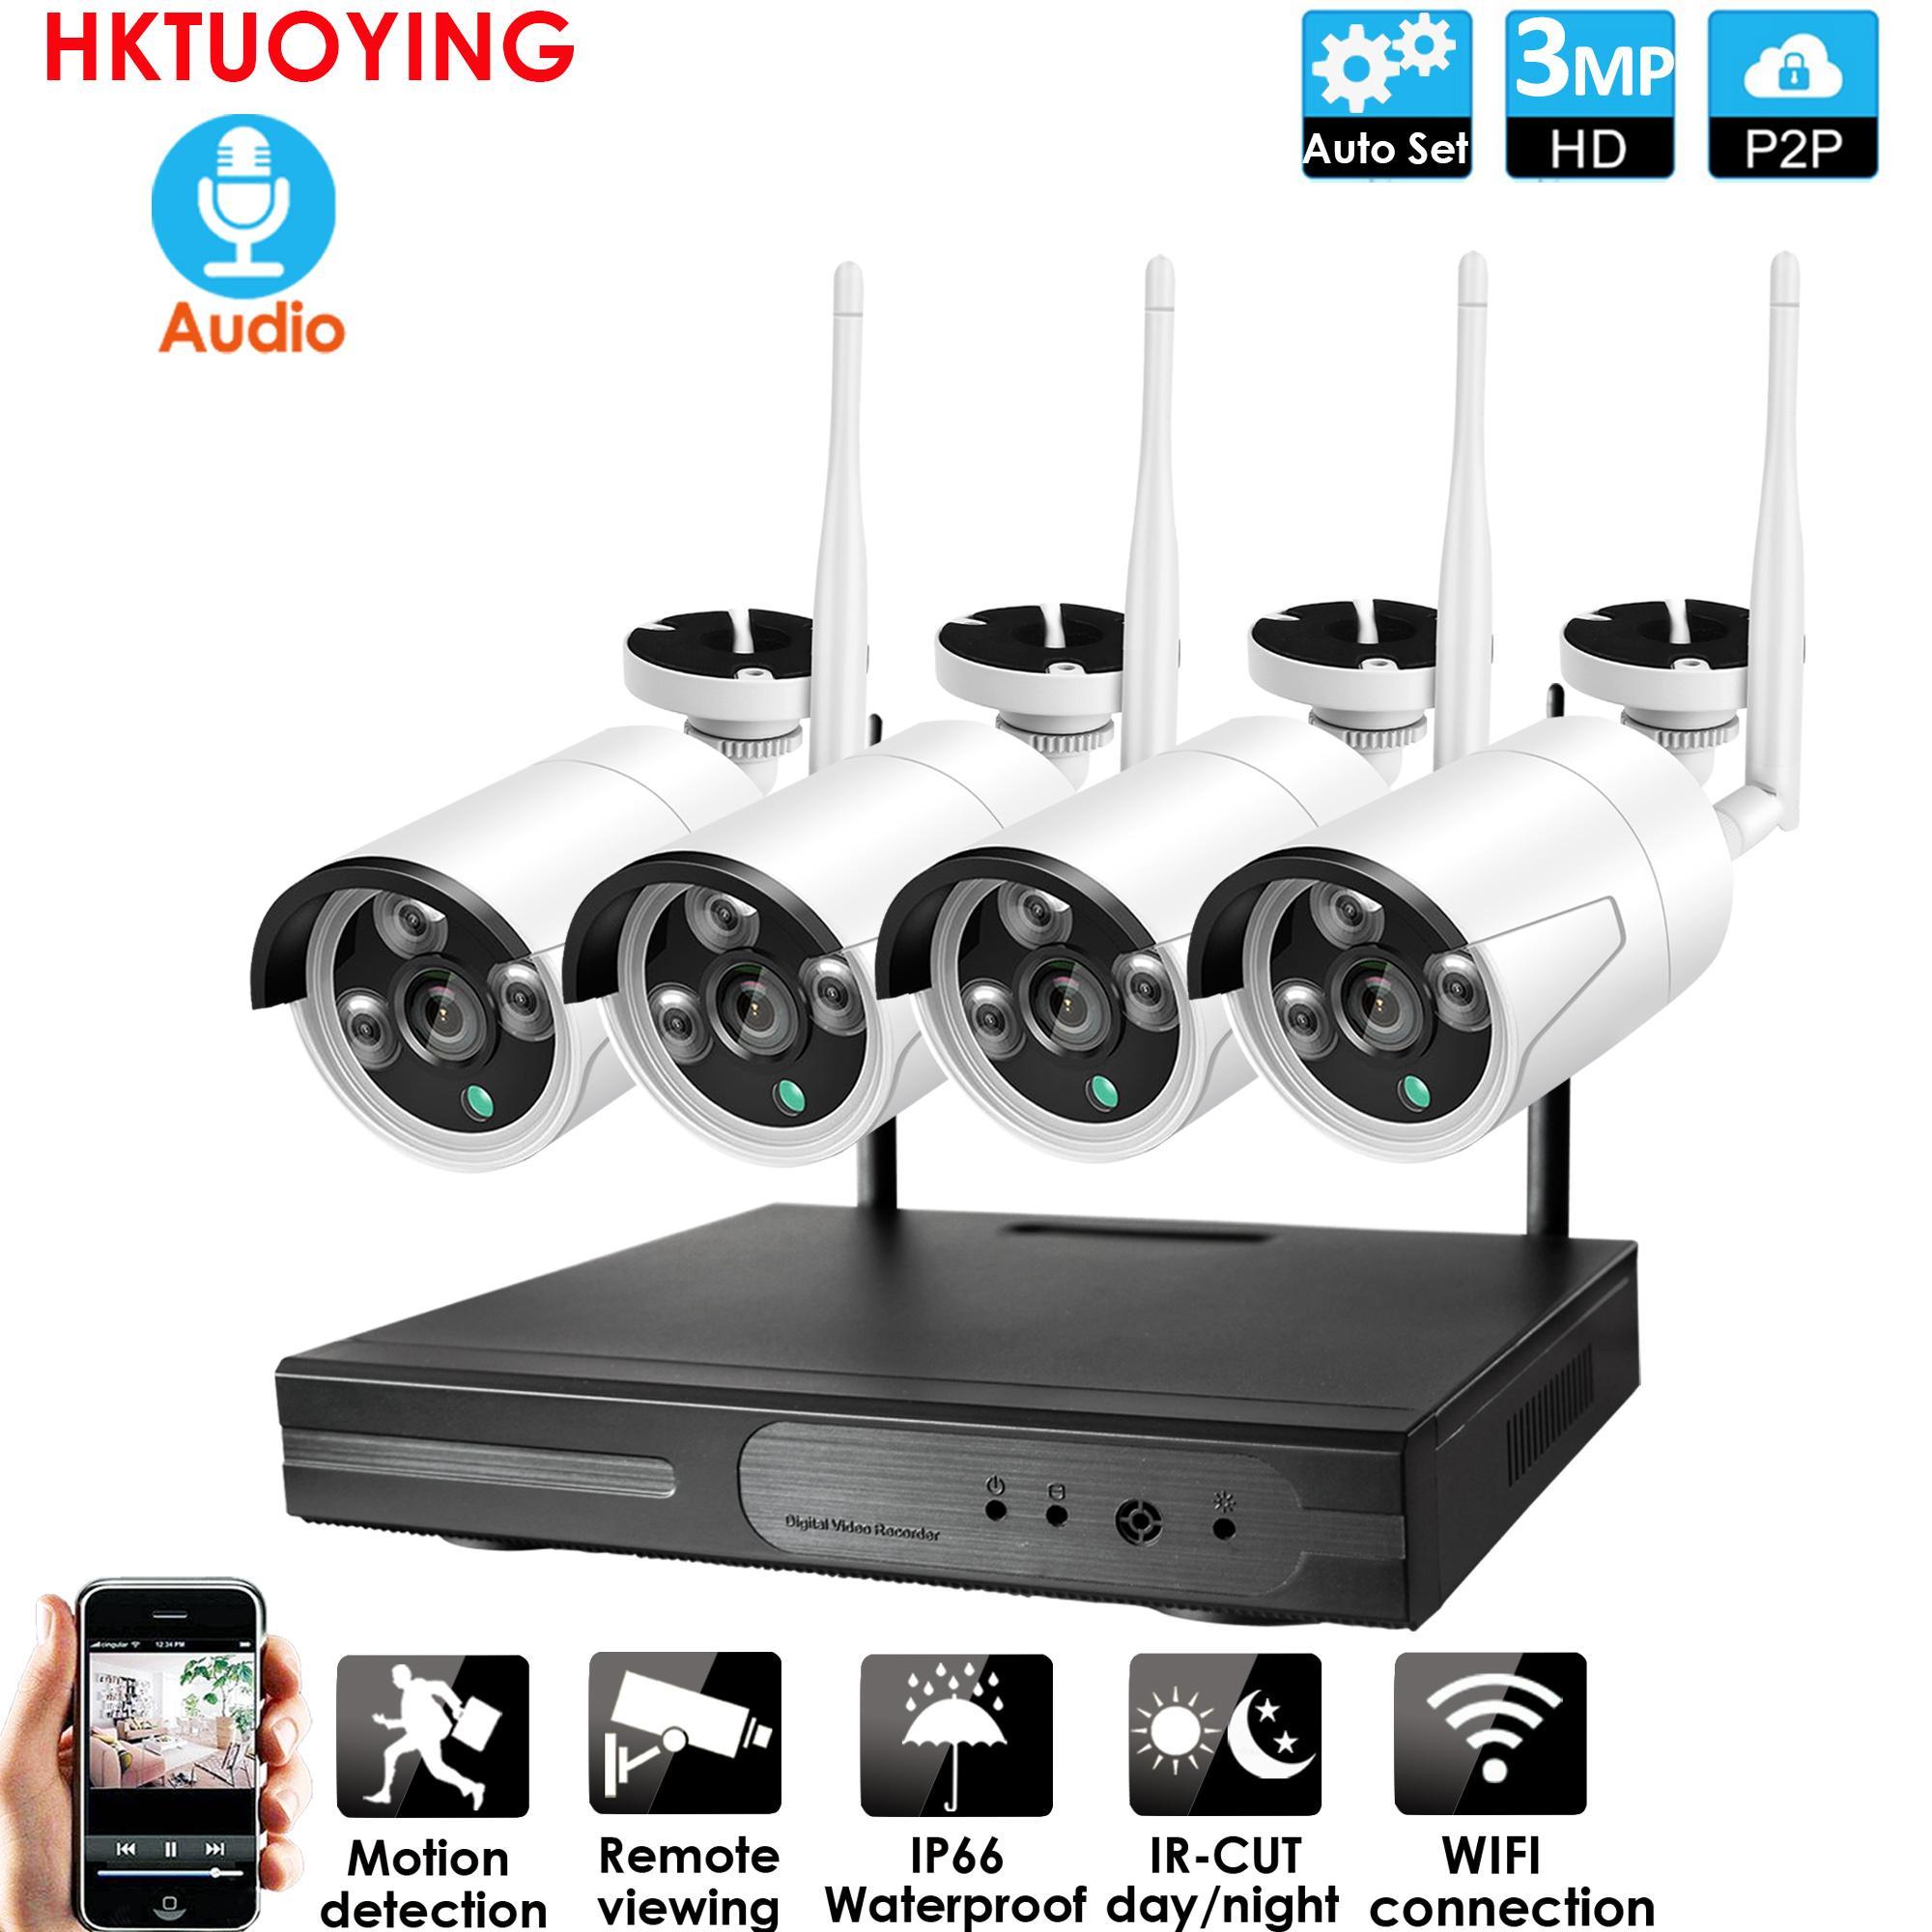 4CH 3.0MP Audio CCTV Система беспроводной связи 1080P NVR Рекордер 3.0MP IR Открытый P2P WiFi IP 720P Audio CCTV Безопасность Камера Набор наблюдений